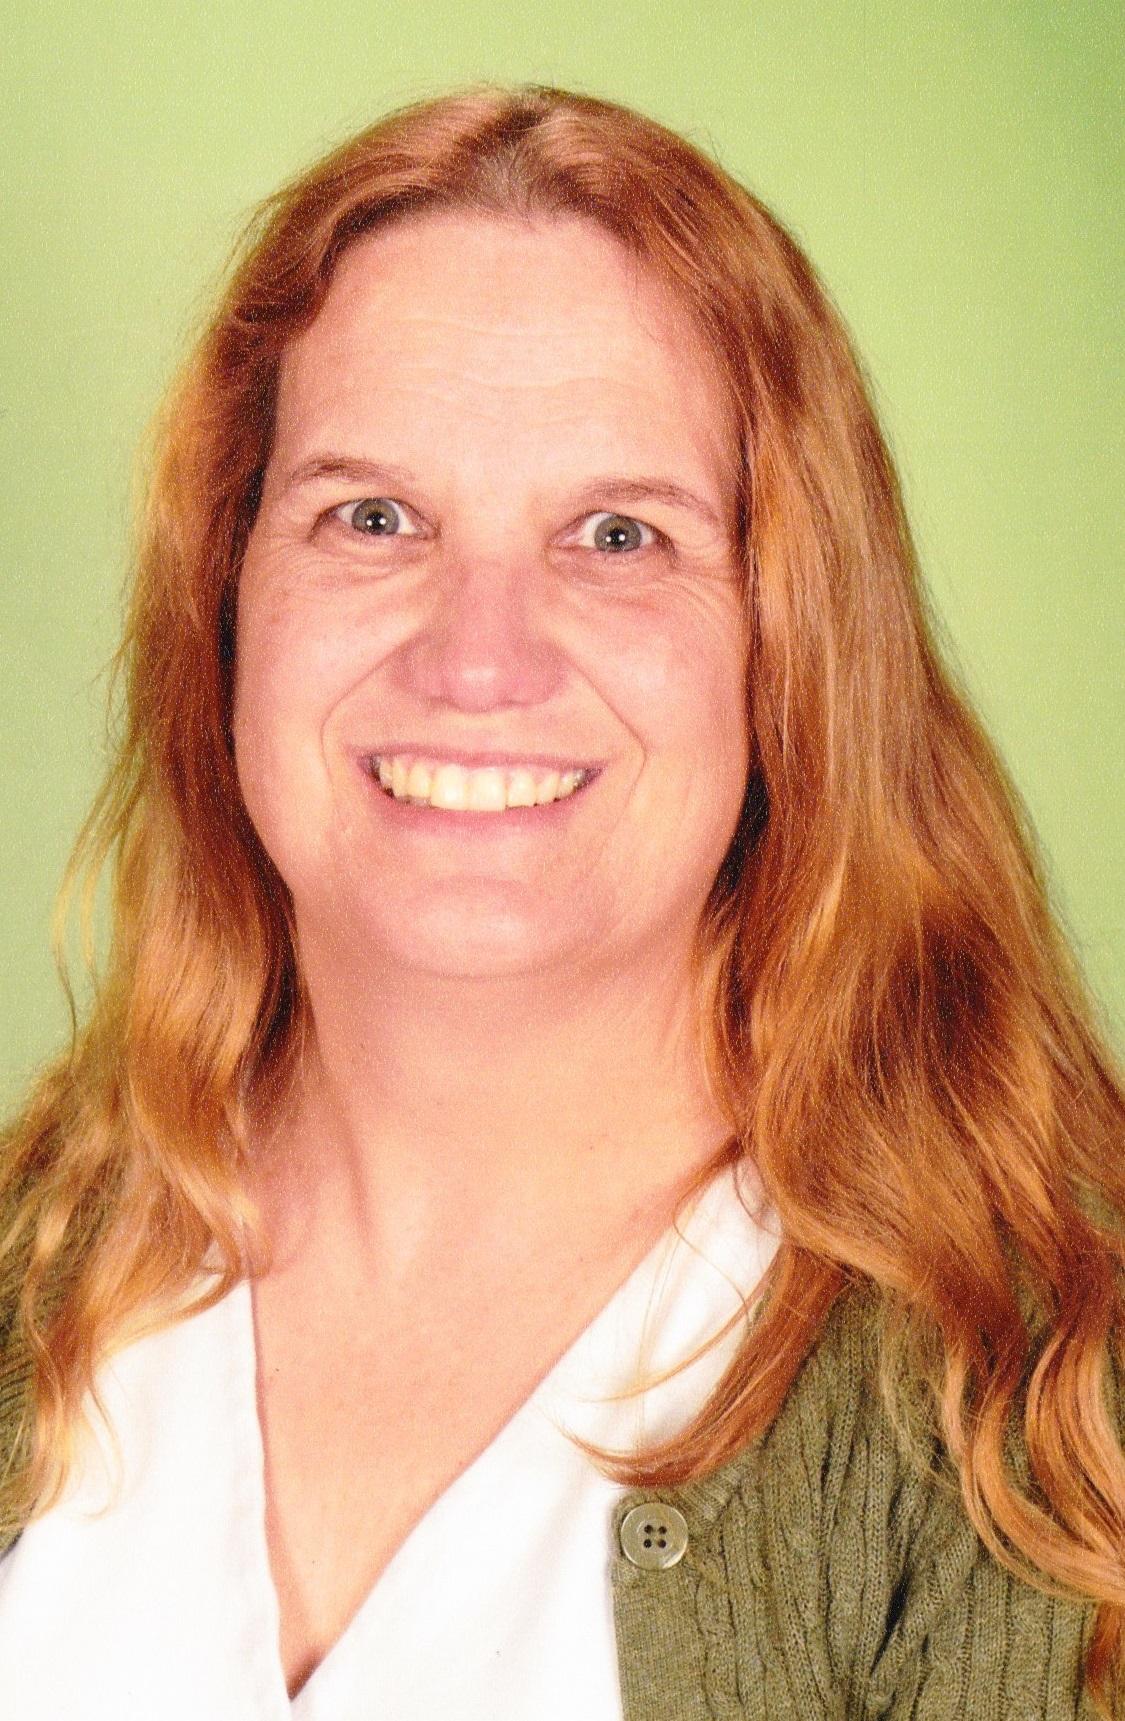 Lori Costello, Church Secretary-Treasurer